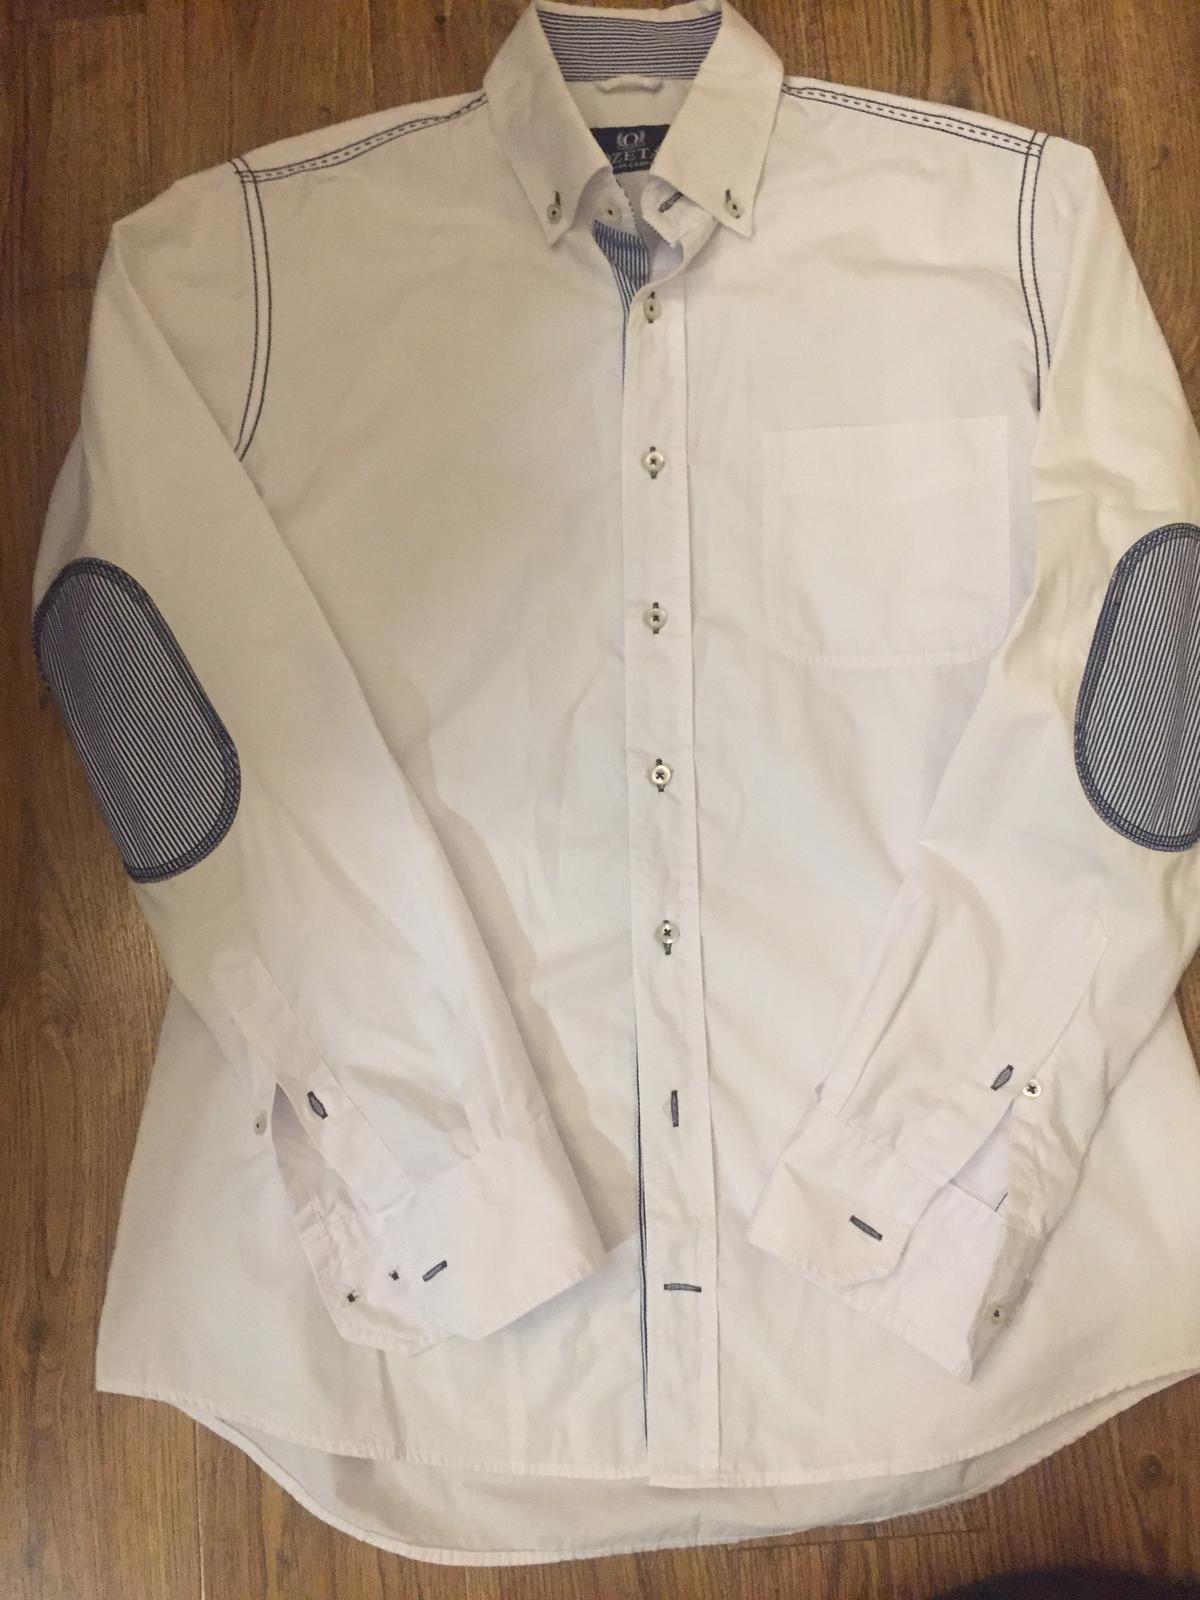 625a10eec49d Pánska košeľa zn. ozeta